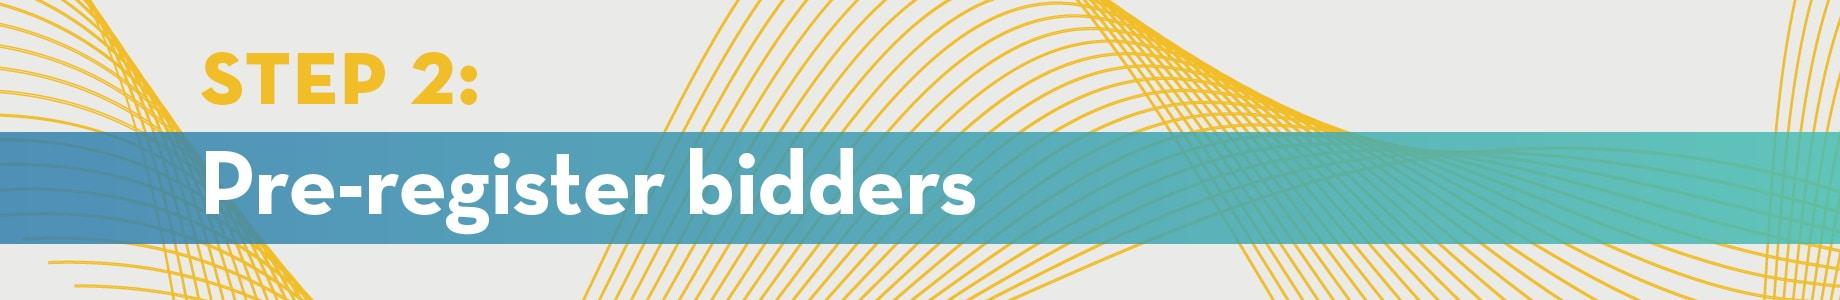 Step 2: Pre-register bidders